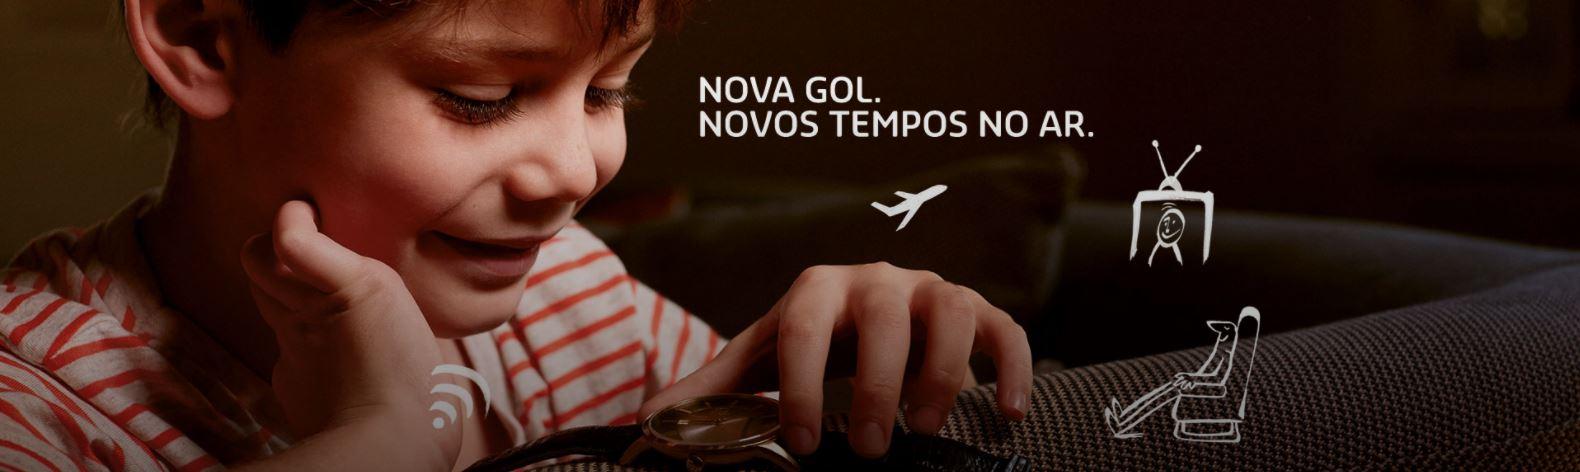 gol - La nueva Publicidad de GOL y sus nuevos servicios